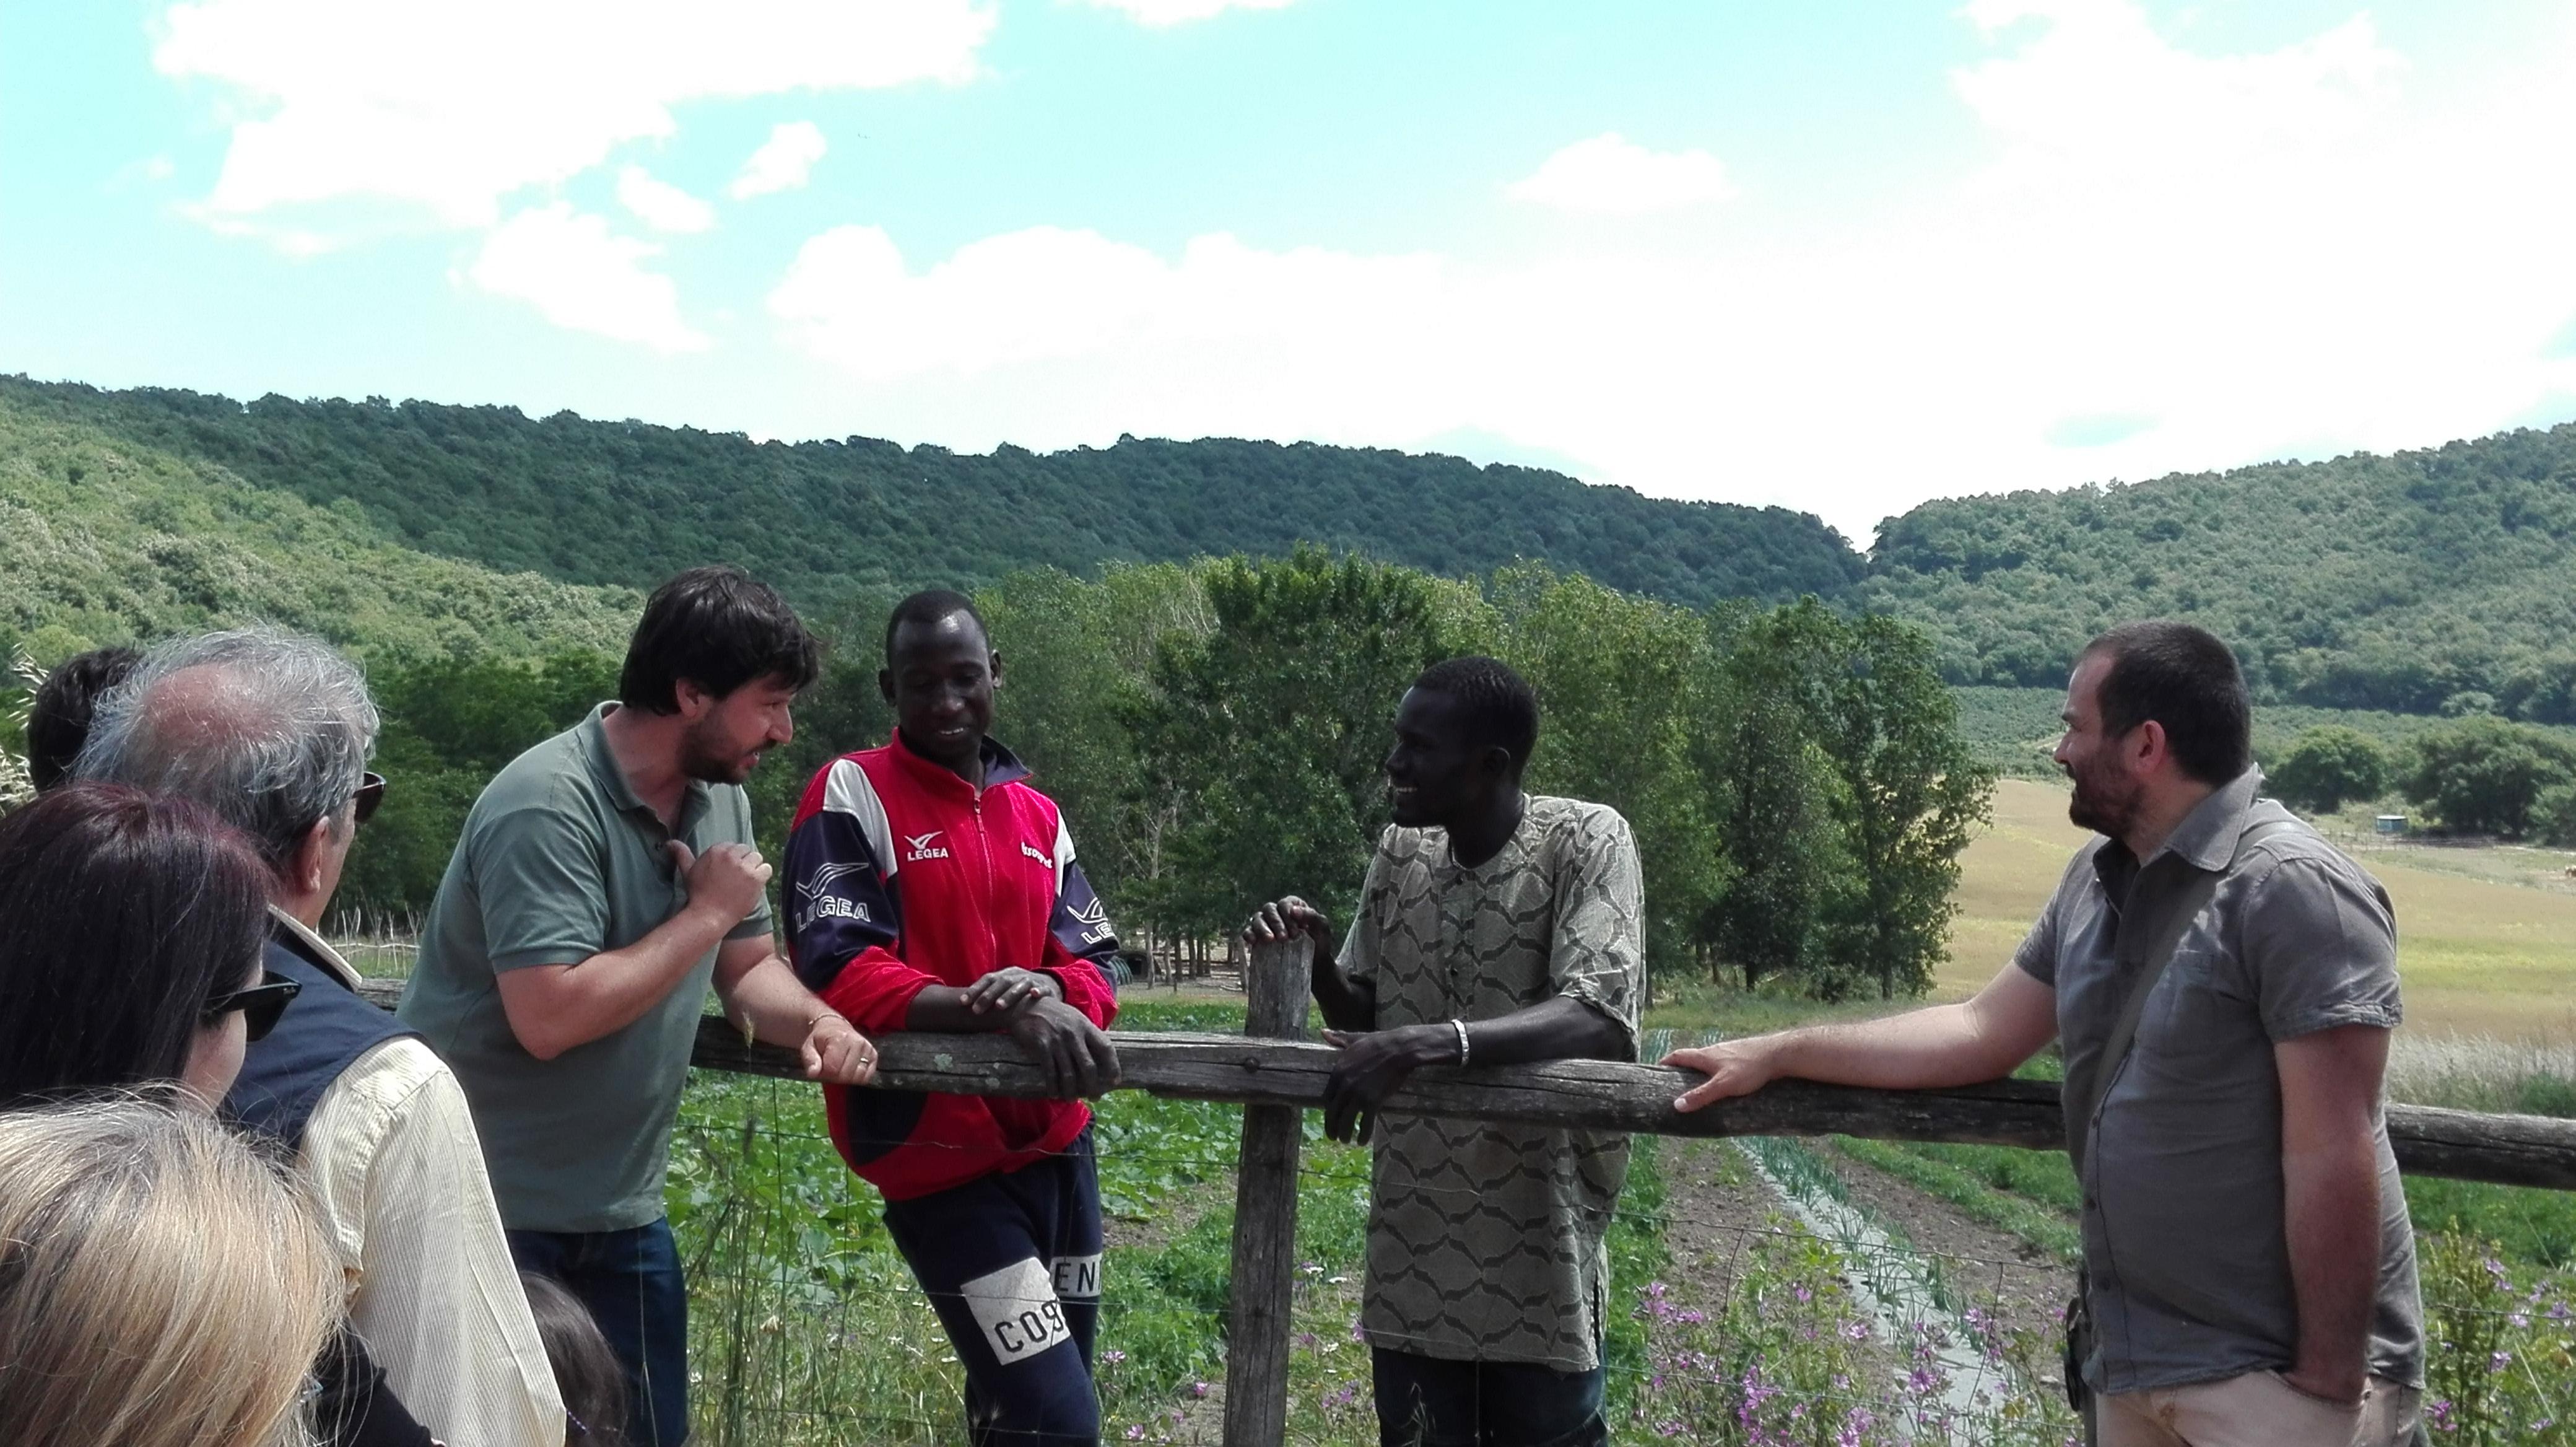 Barikamà, la cooperativa sociale che è cresciuta anche grazie alla collaborazione con Kairos